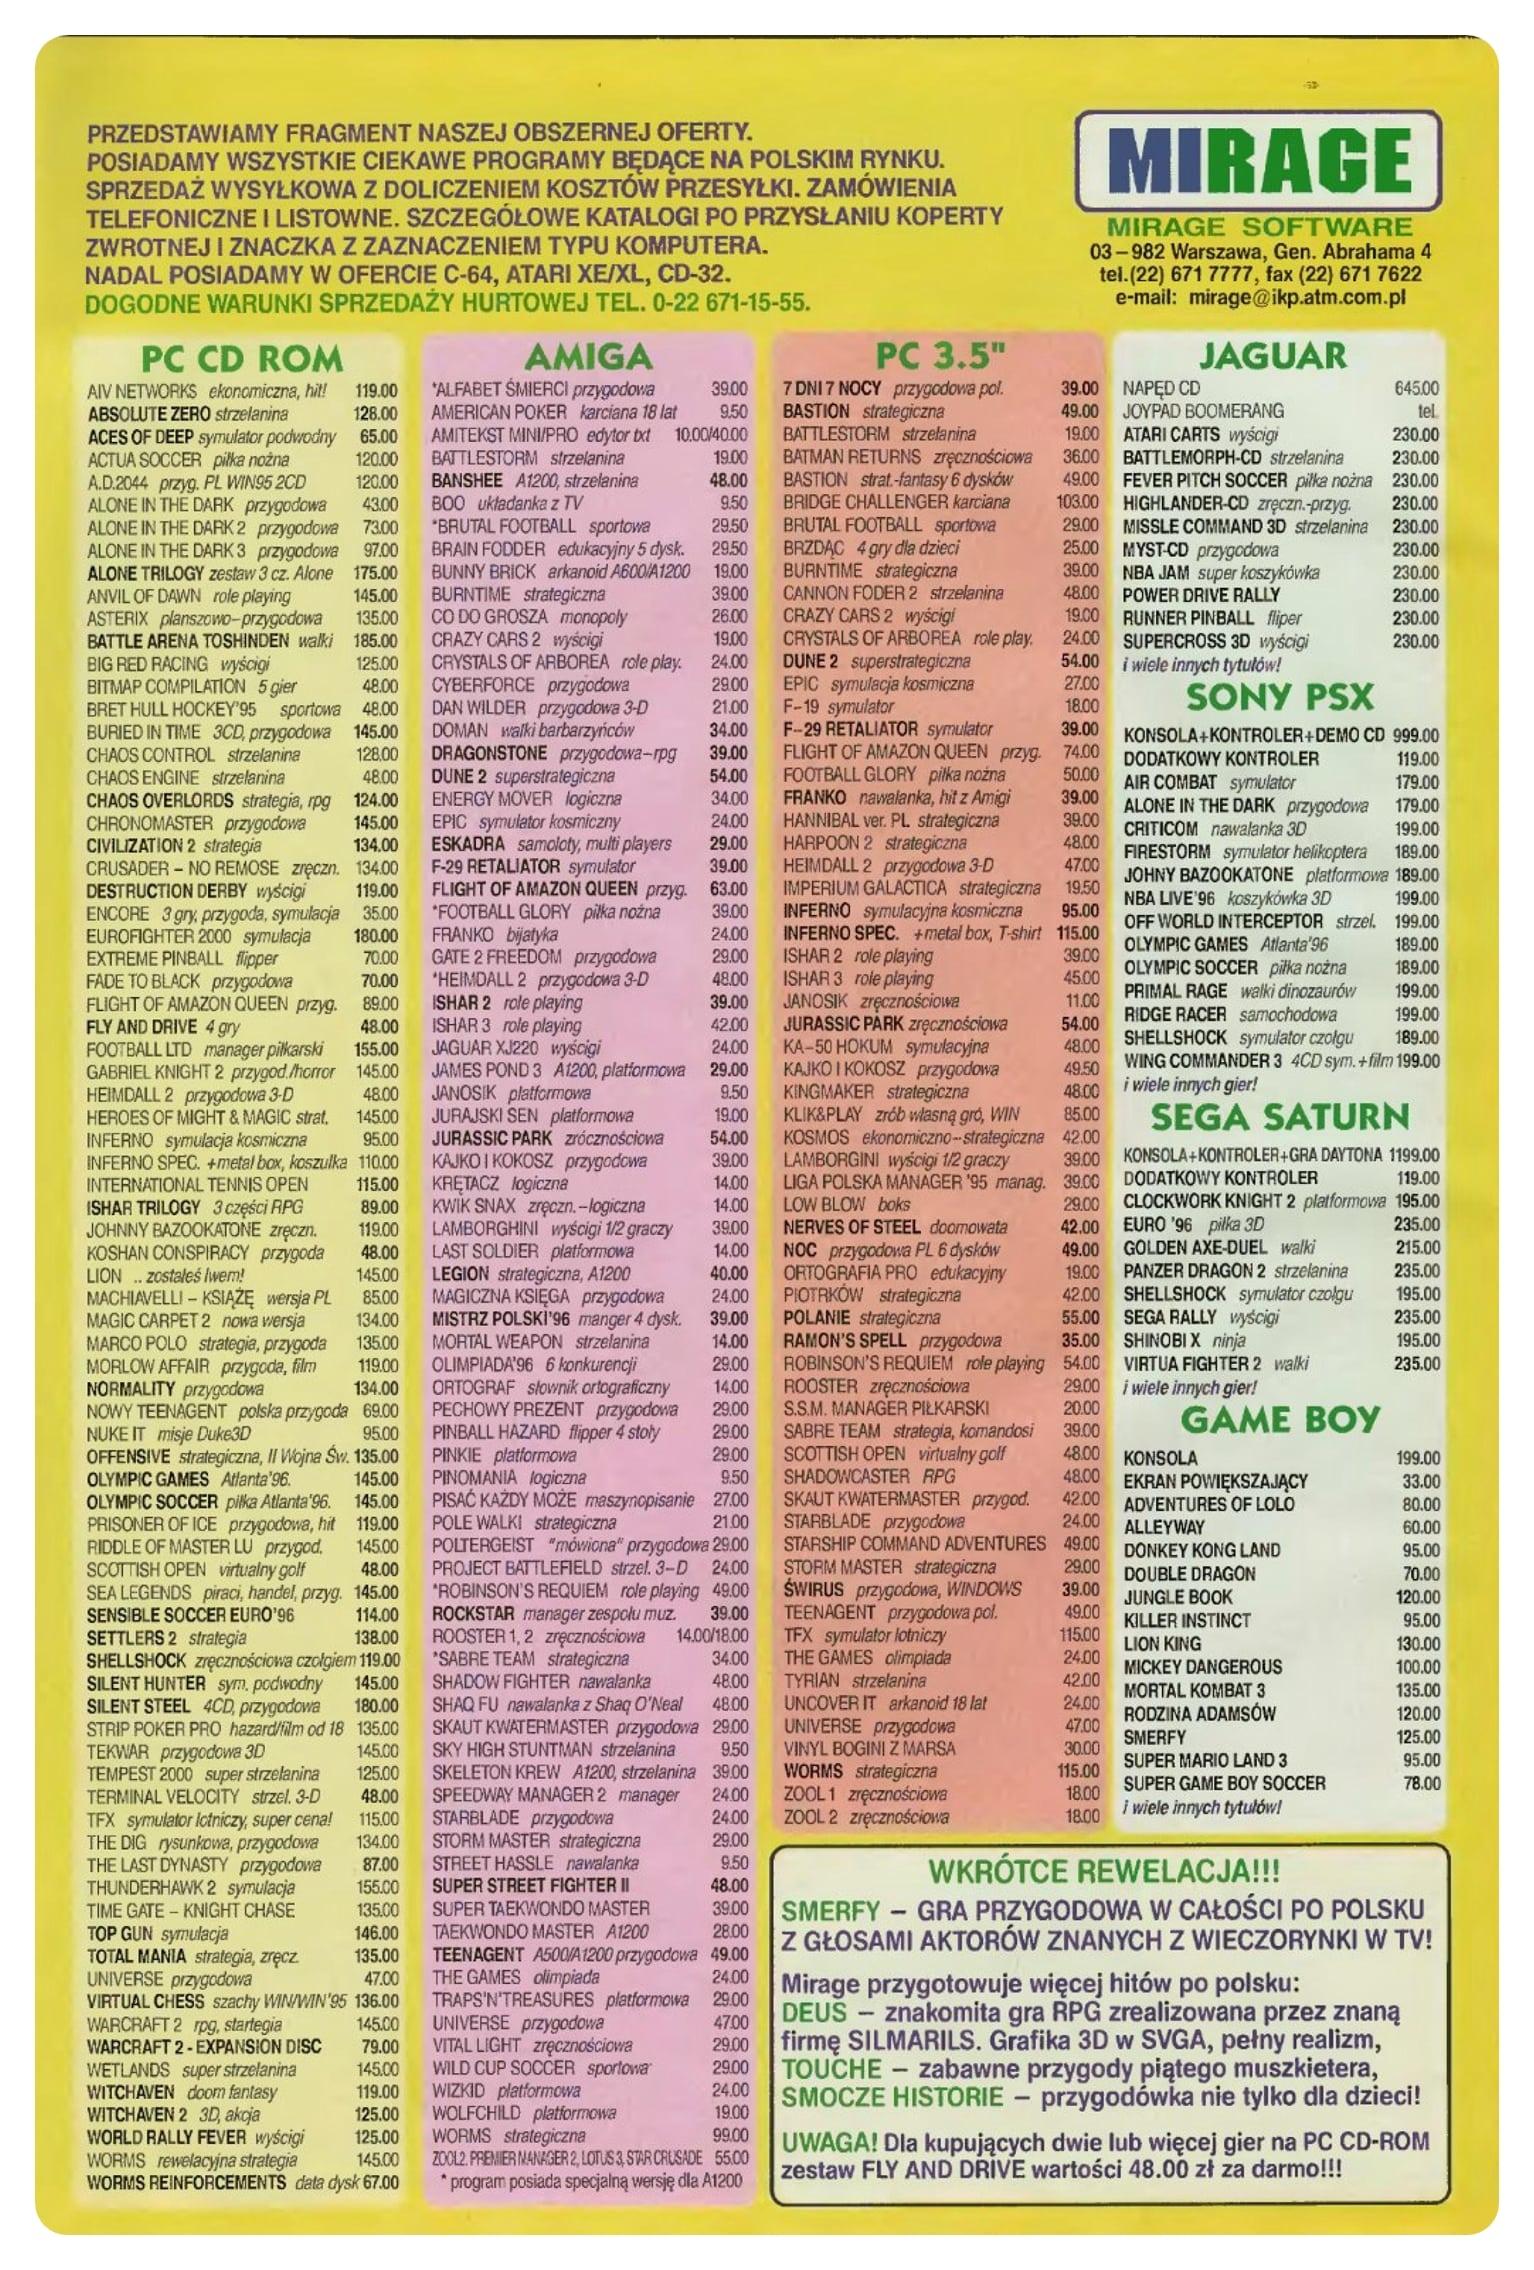 ss 09 wrzesien 96 - Jak wyglądały ceny różnych konsol w Polsce w latach 1996-2006?